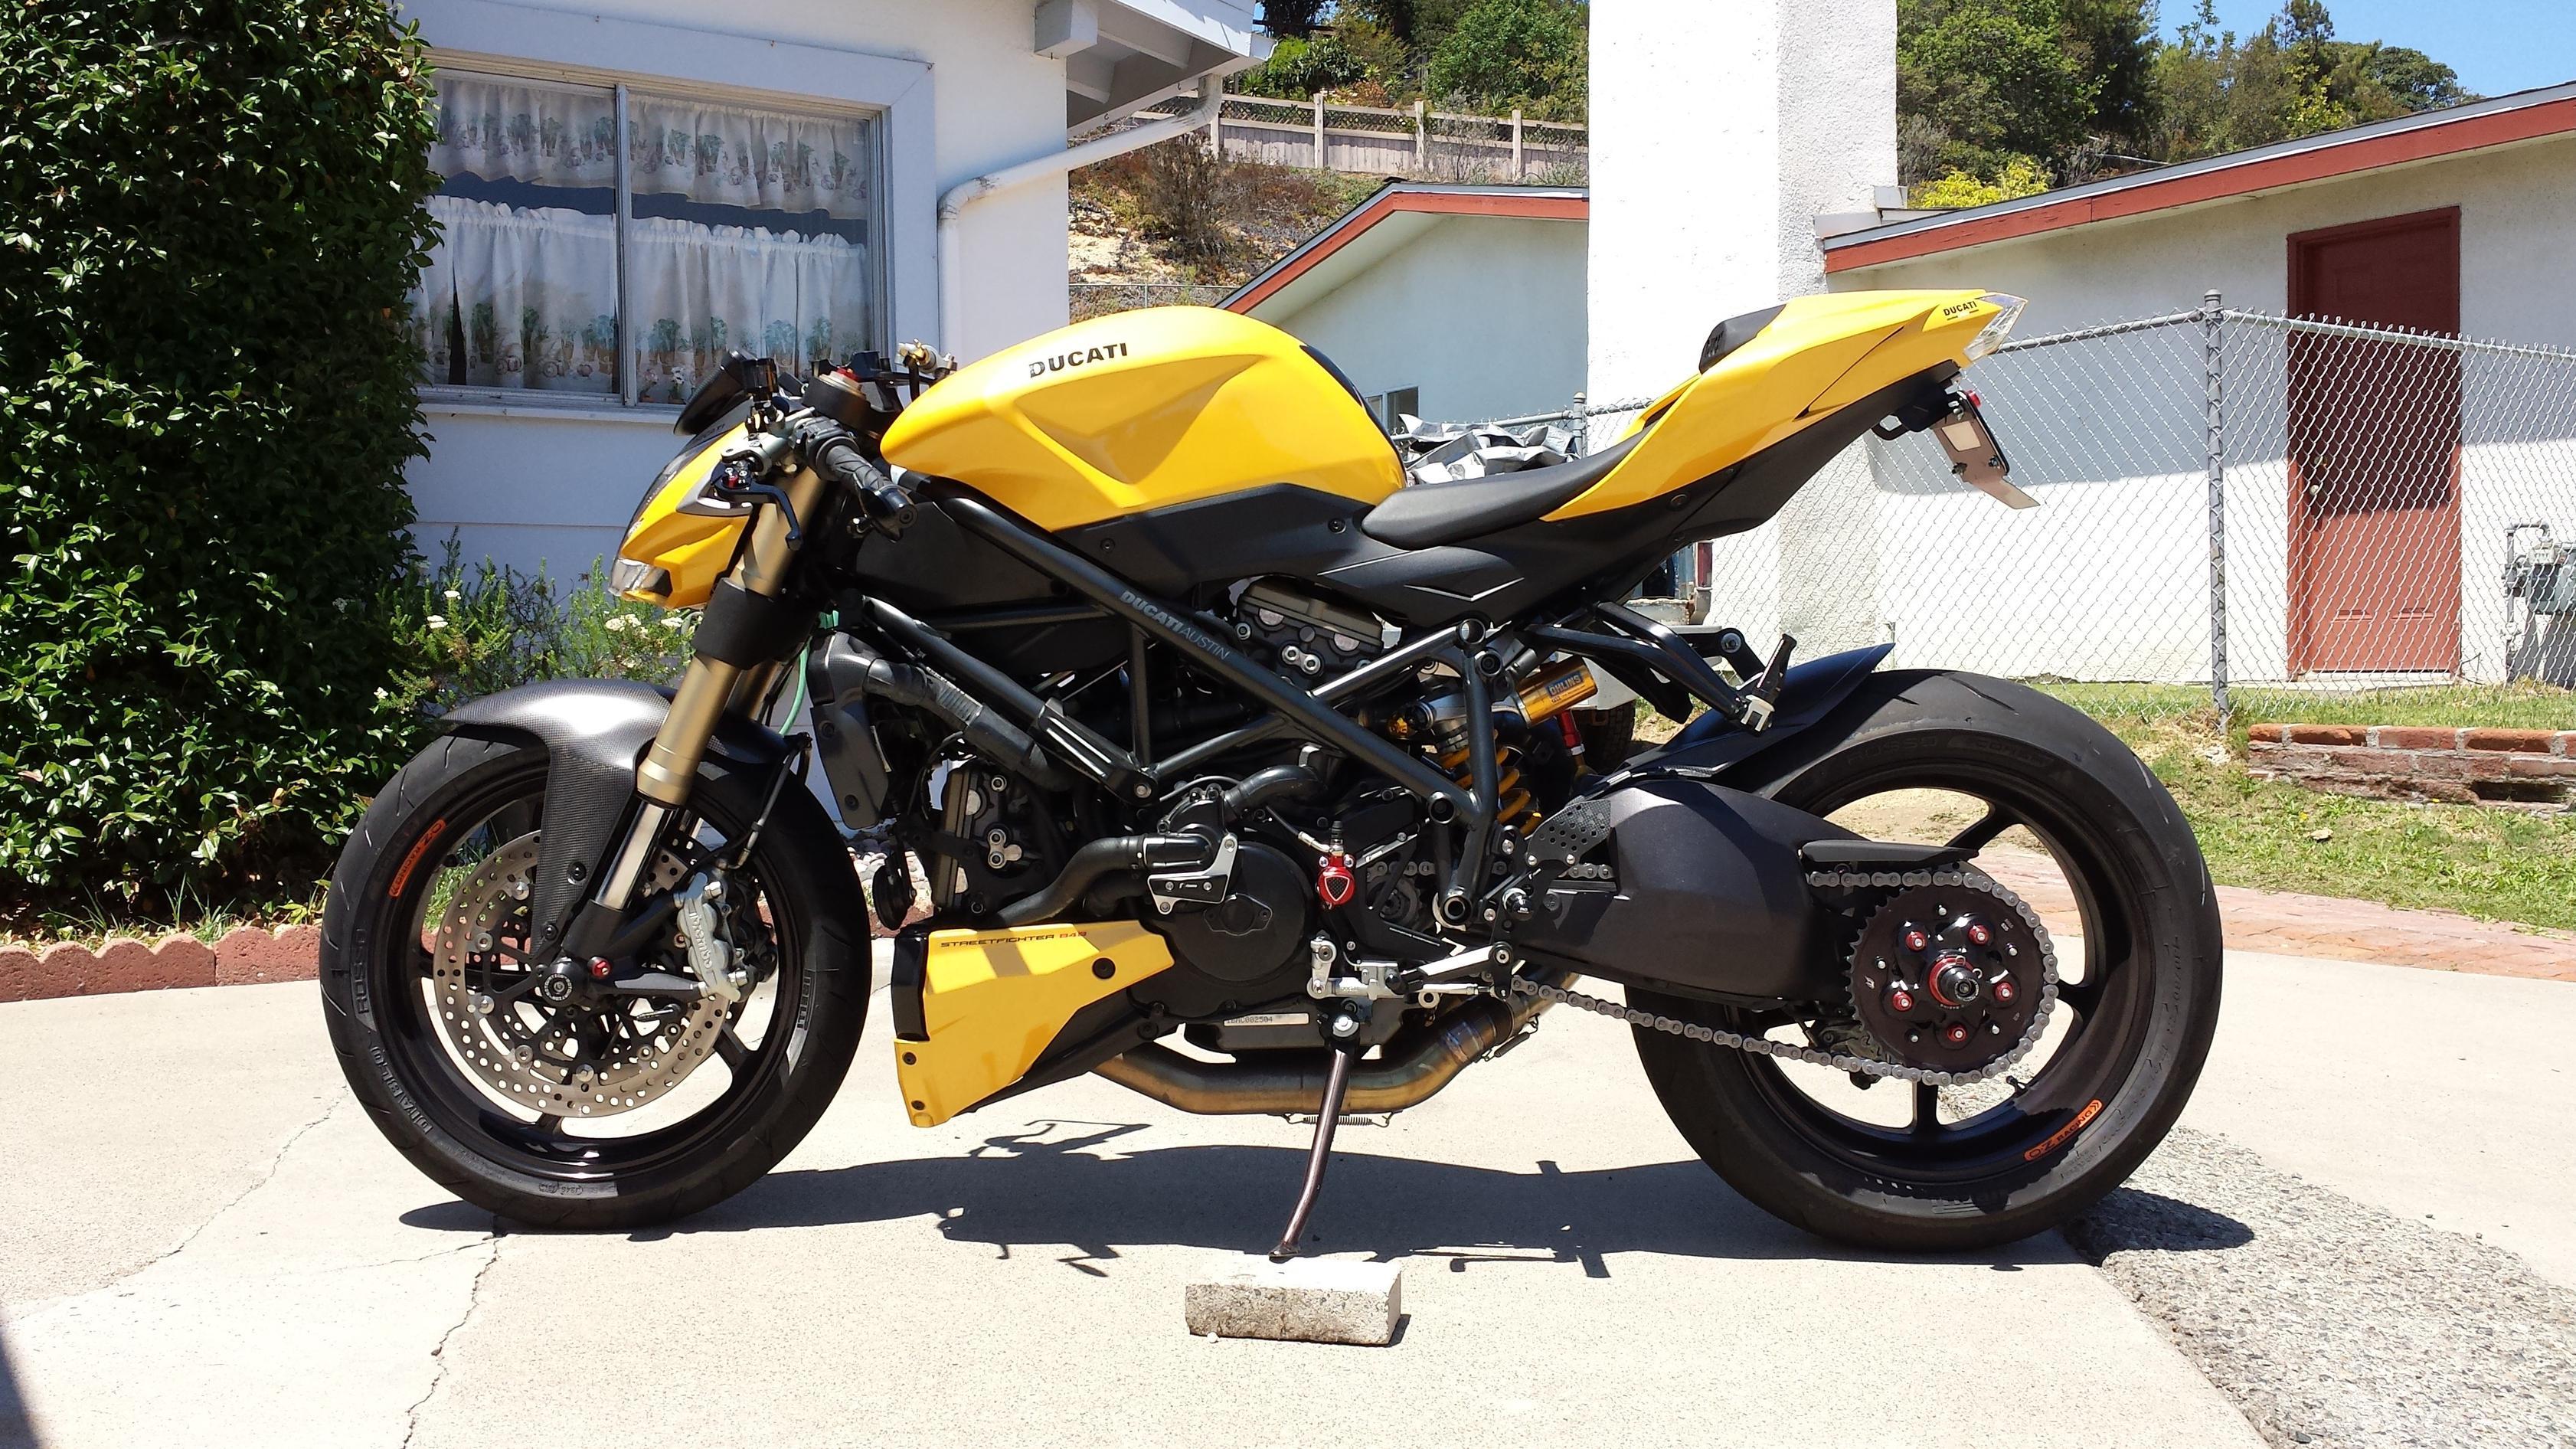 Ducati Monster Vs Streetfighter